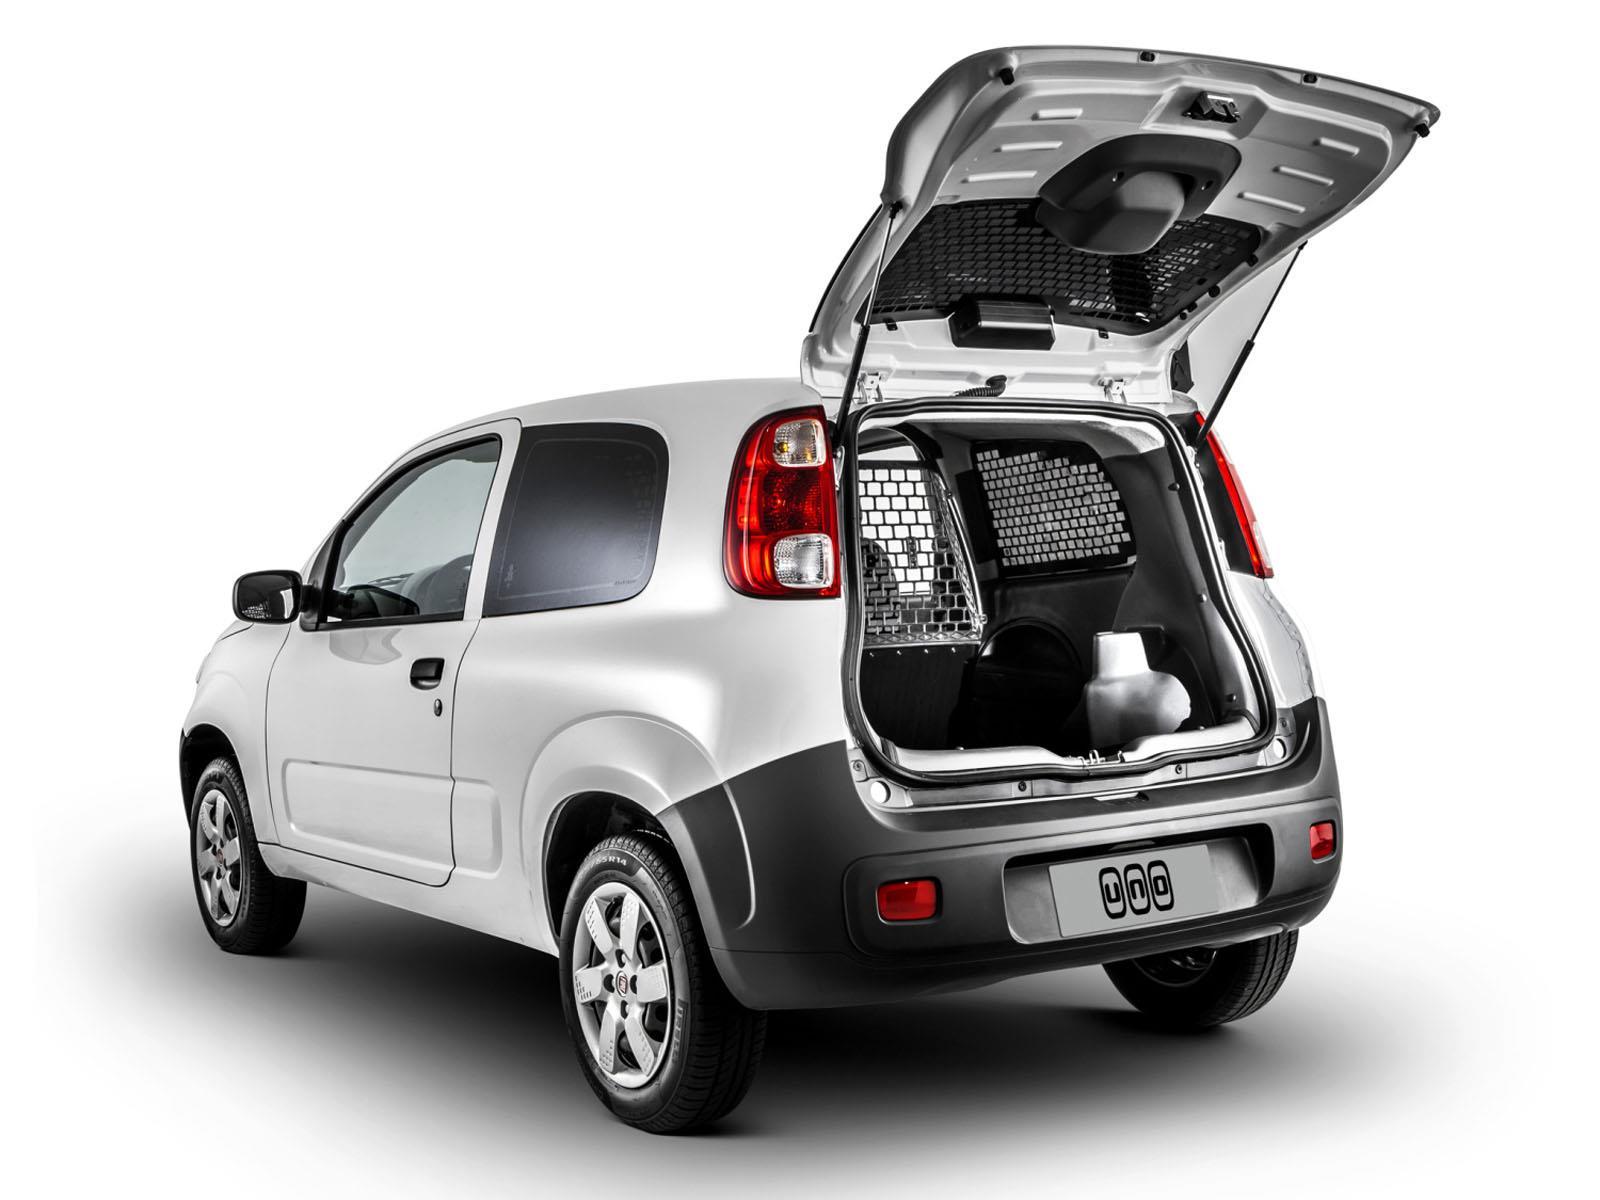 Fiat Presenta El Nuevo Fiorino Y El Uno Cargo